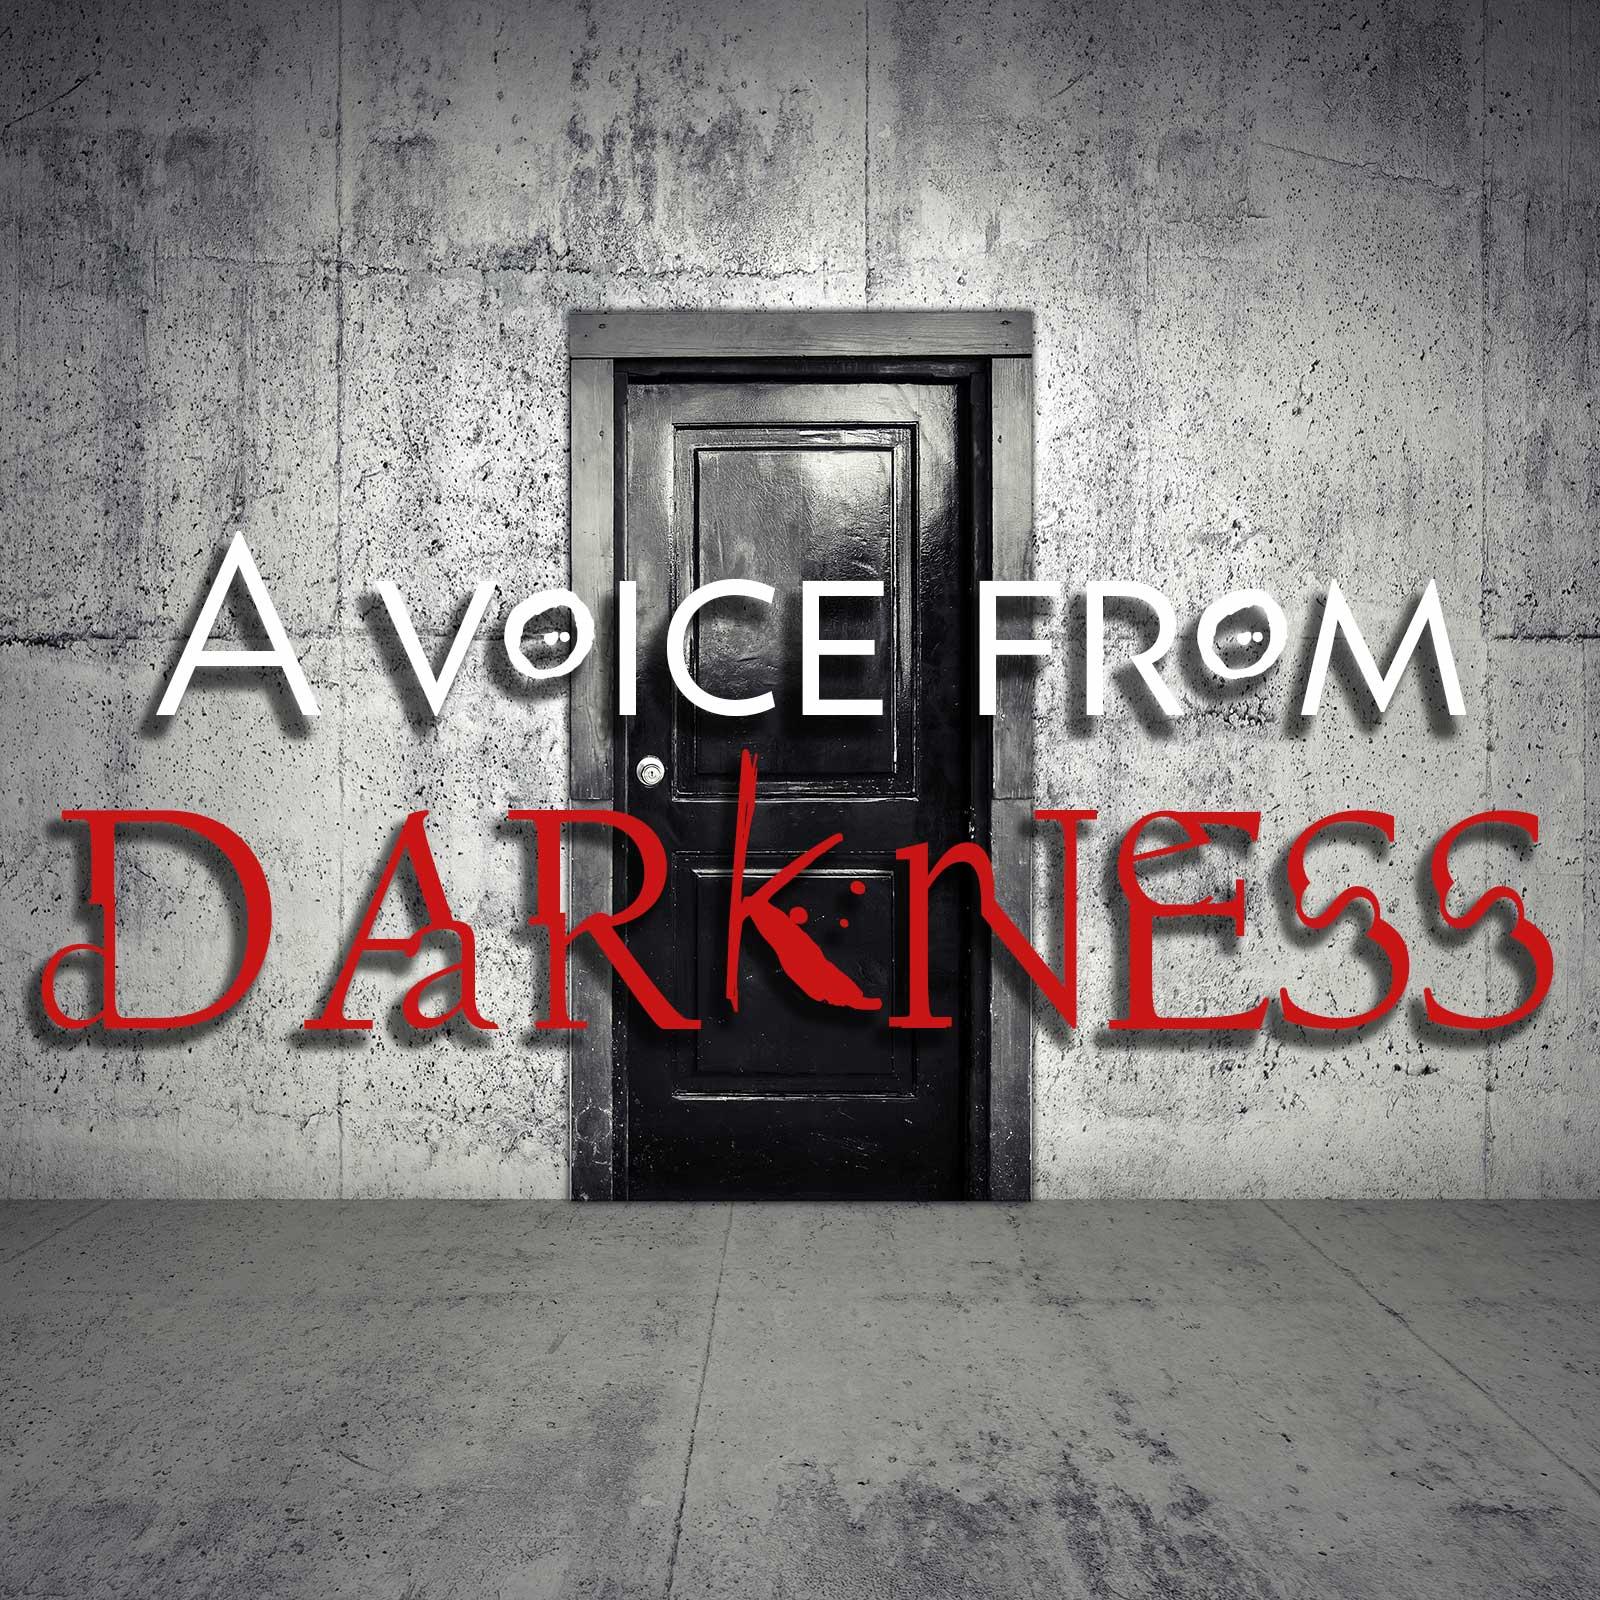 Kuvahaun tulos: a voice from darkness